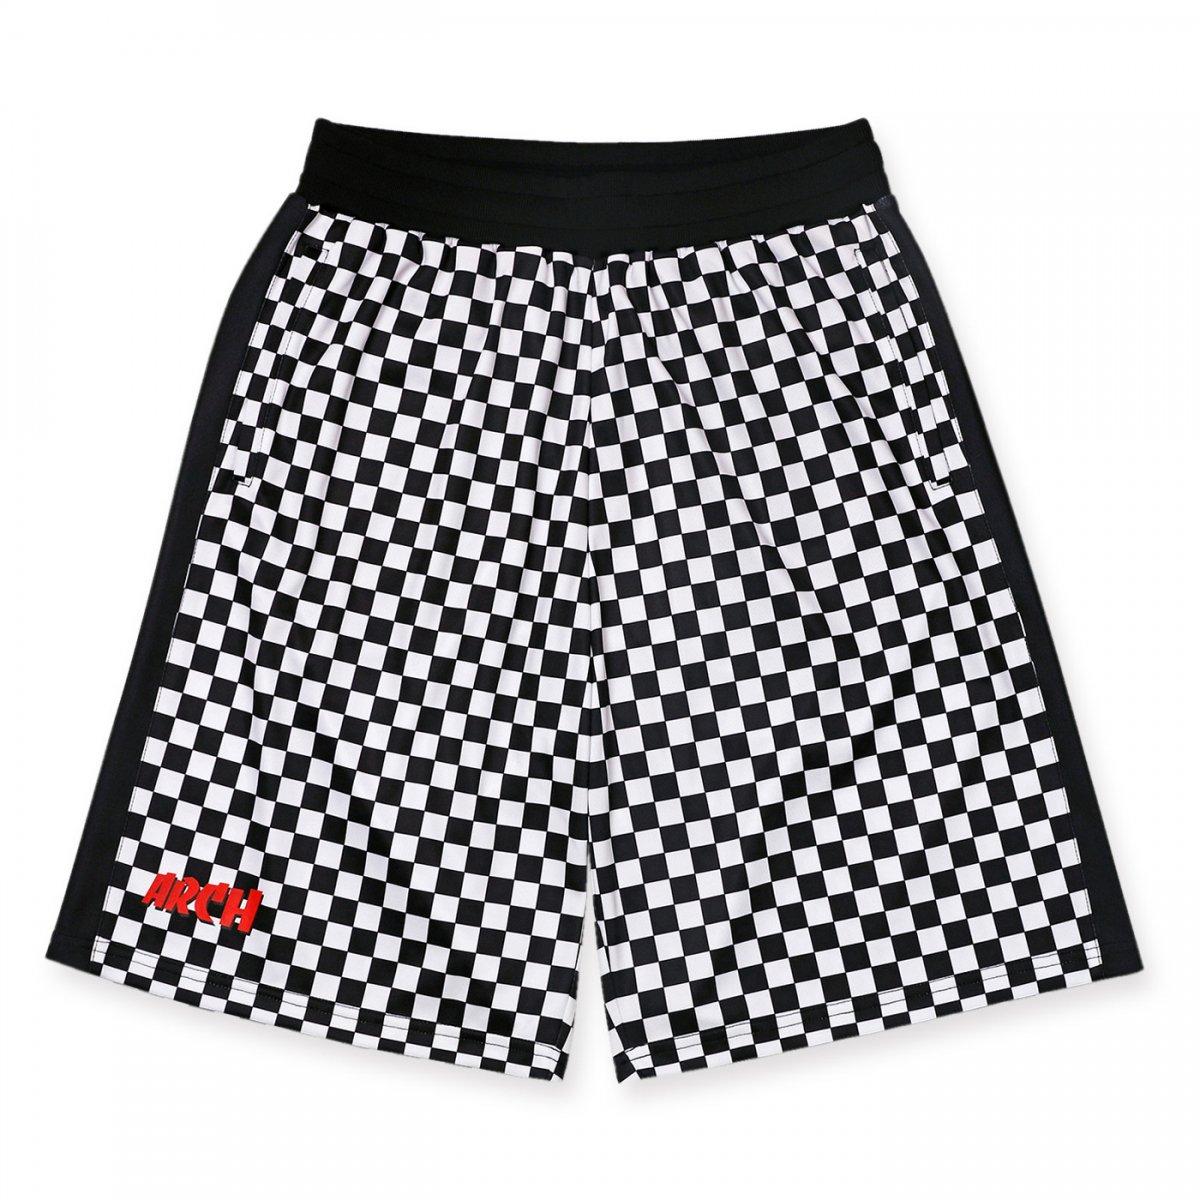 team checker shorts【black/white】